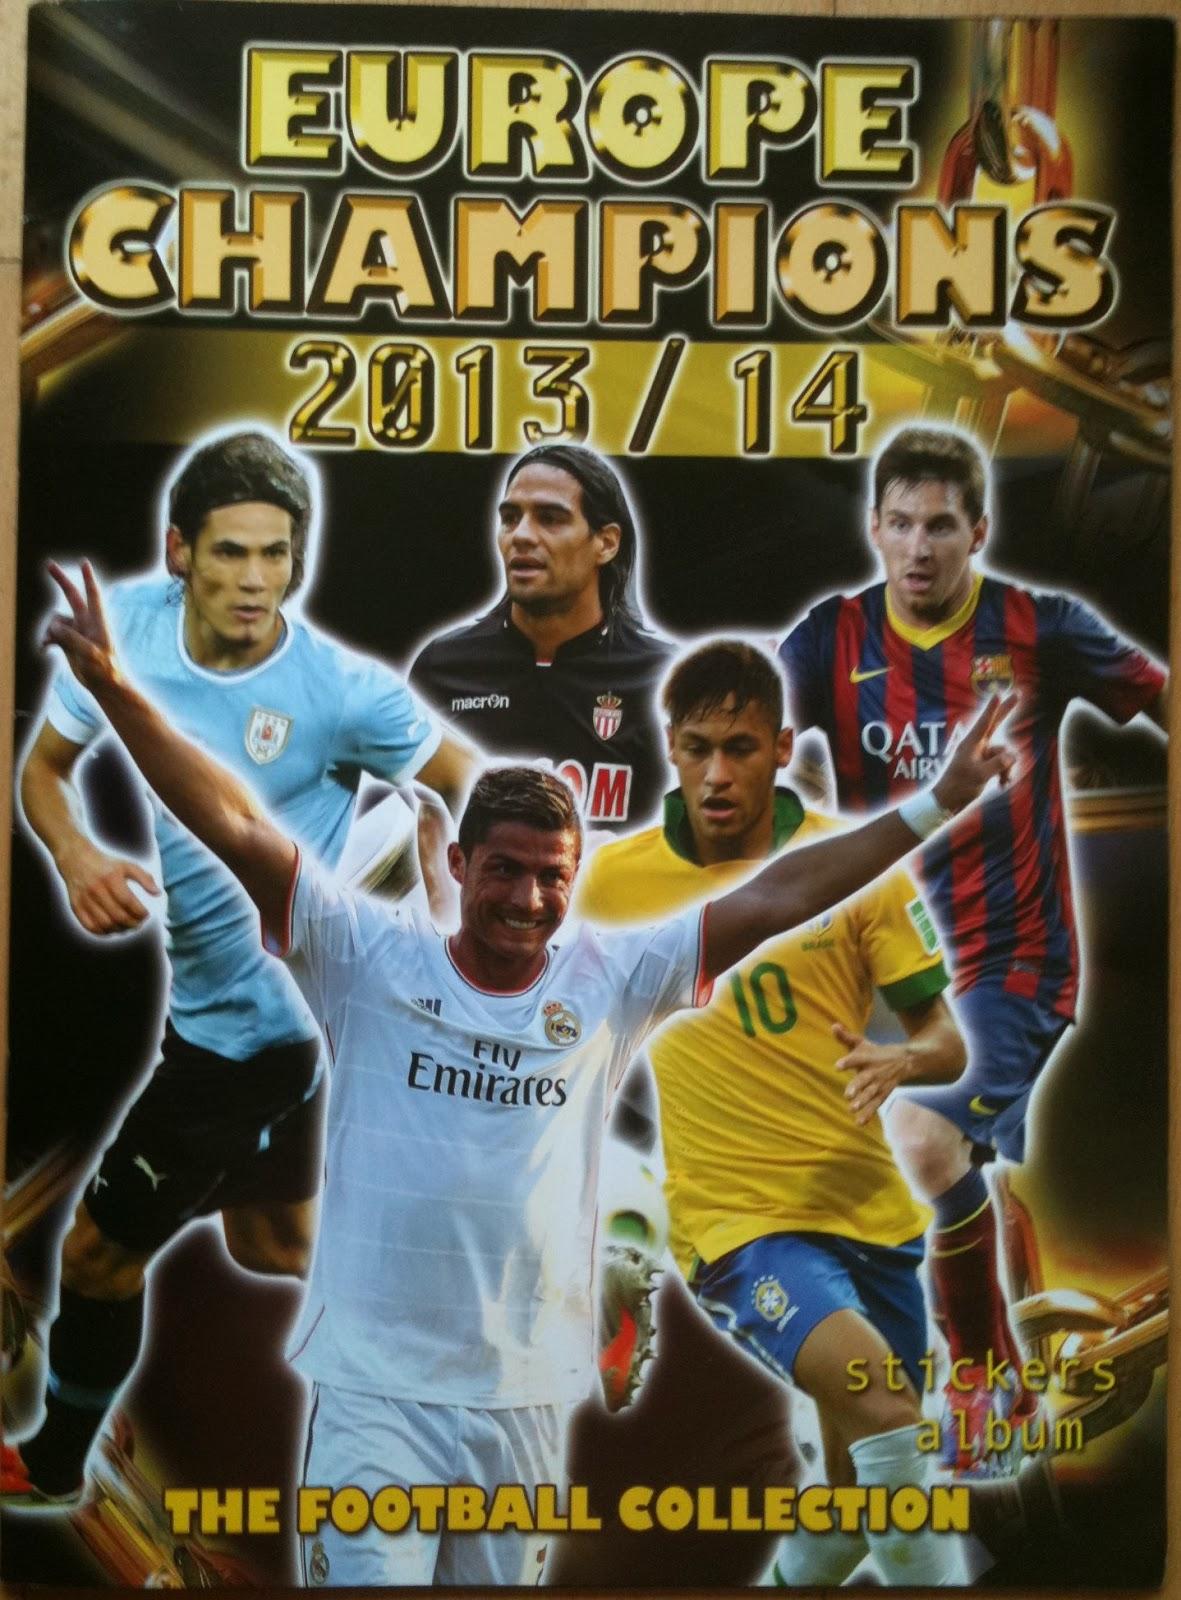 2013-14+Europe+Champions+2013-14+-003.jpg